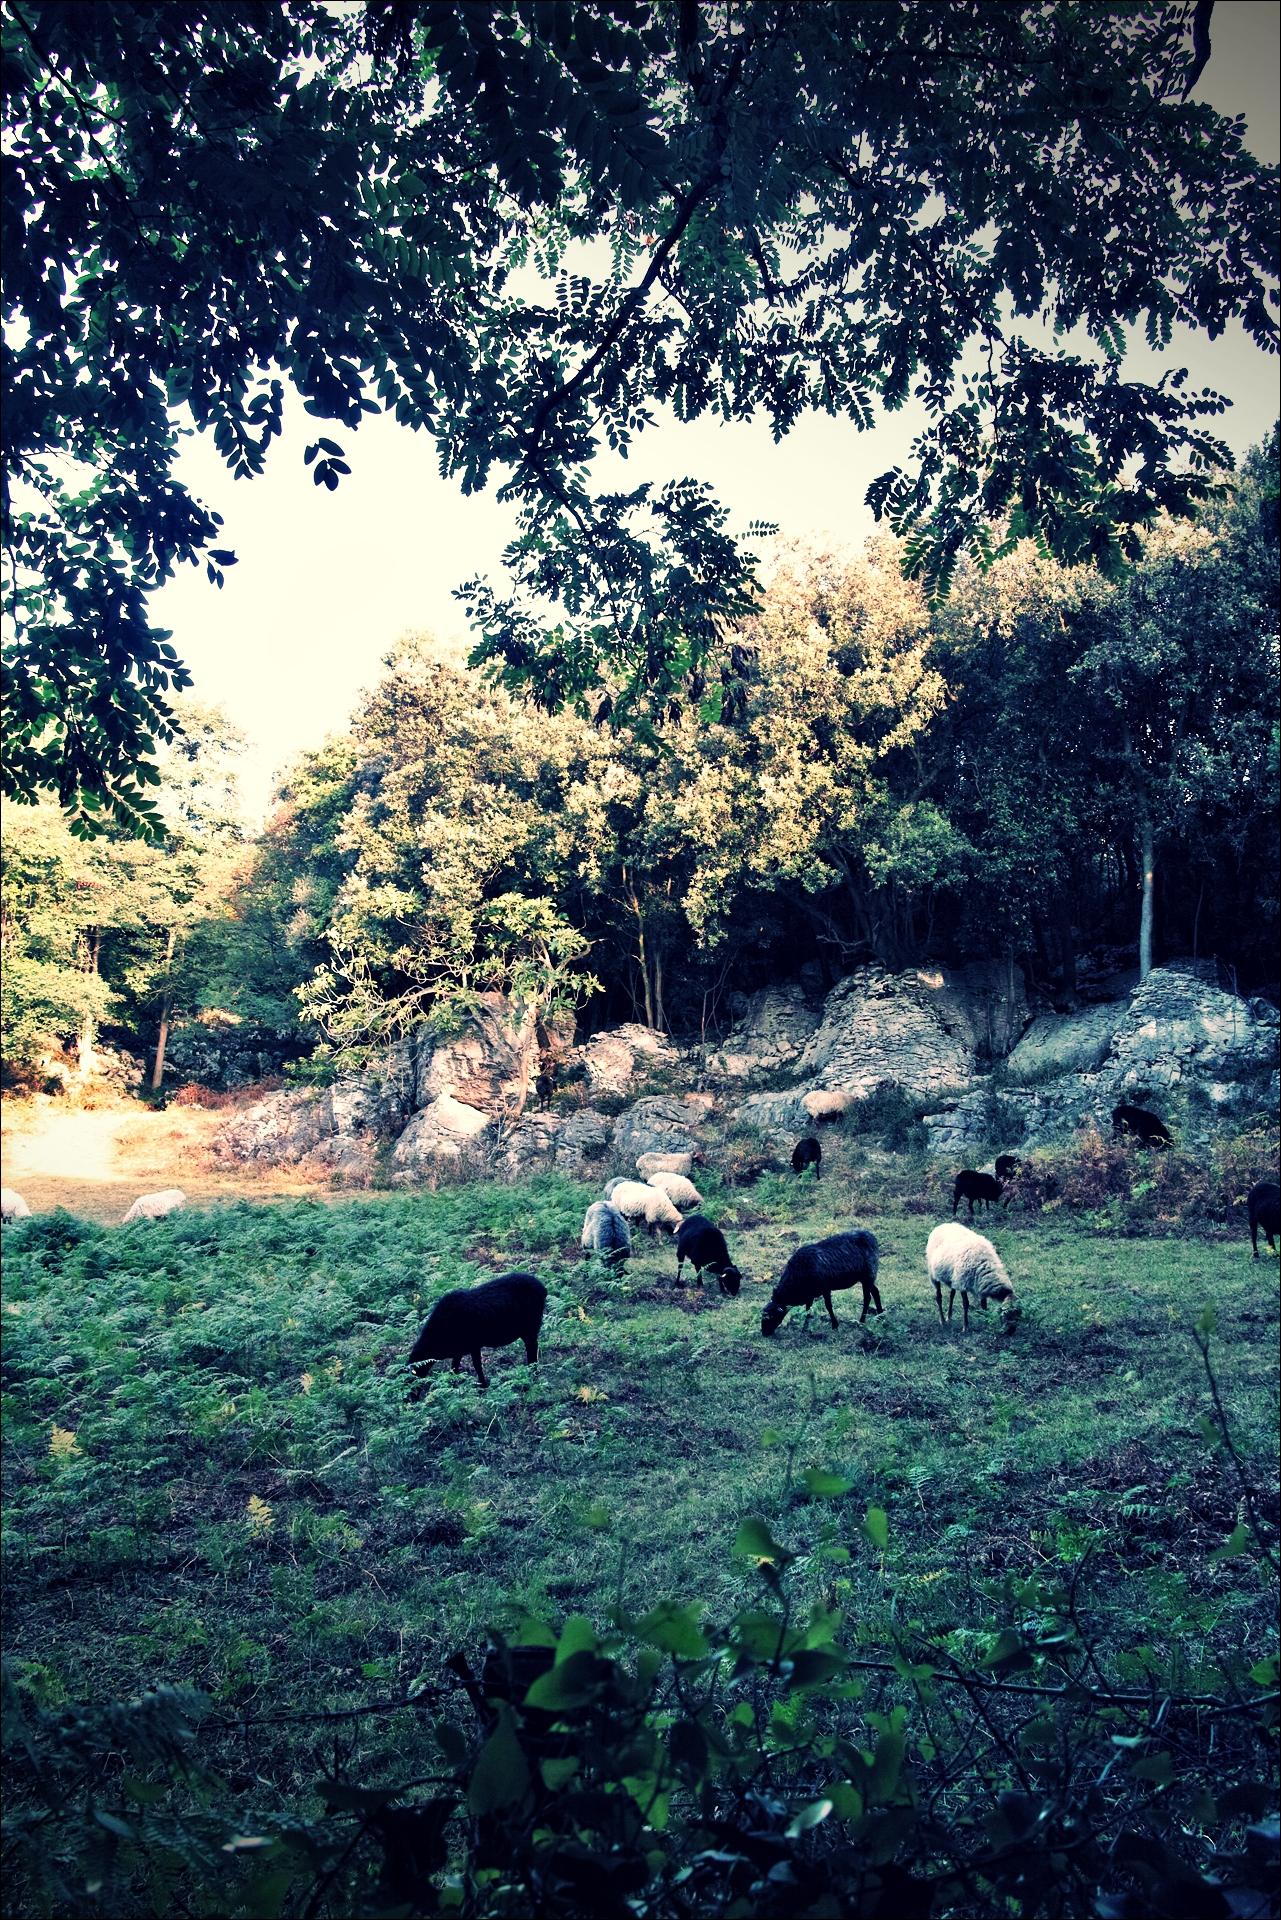 양 떼 -'카미노 데 산티아고 북쪽길. 카스트로 우르디알레스에서 리엔도. (Camino del Norte - Castro Urdiales to Liendo) '